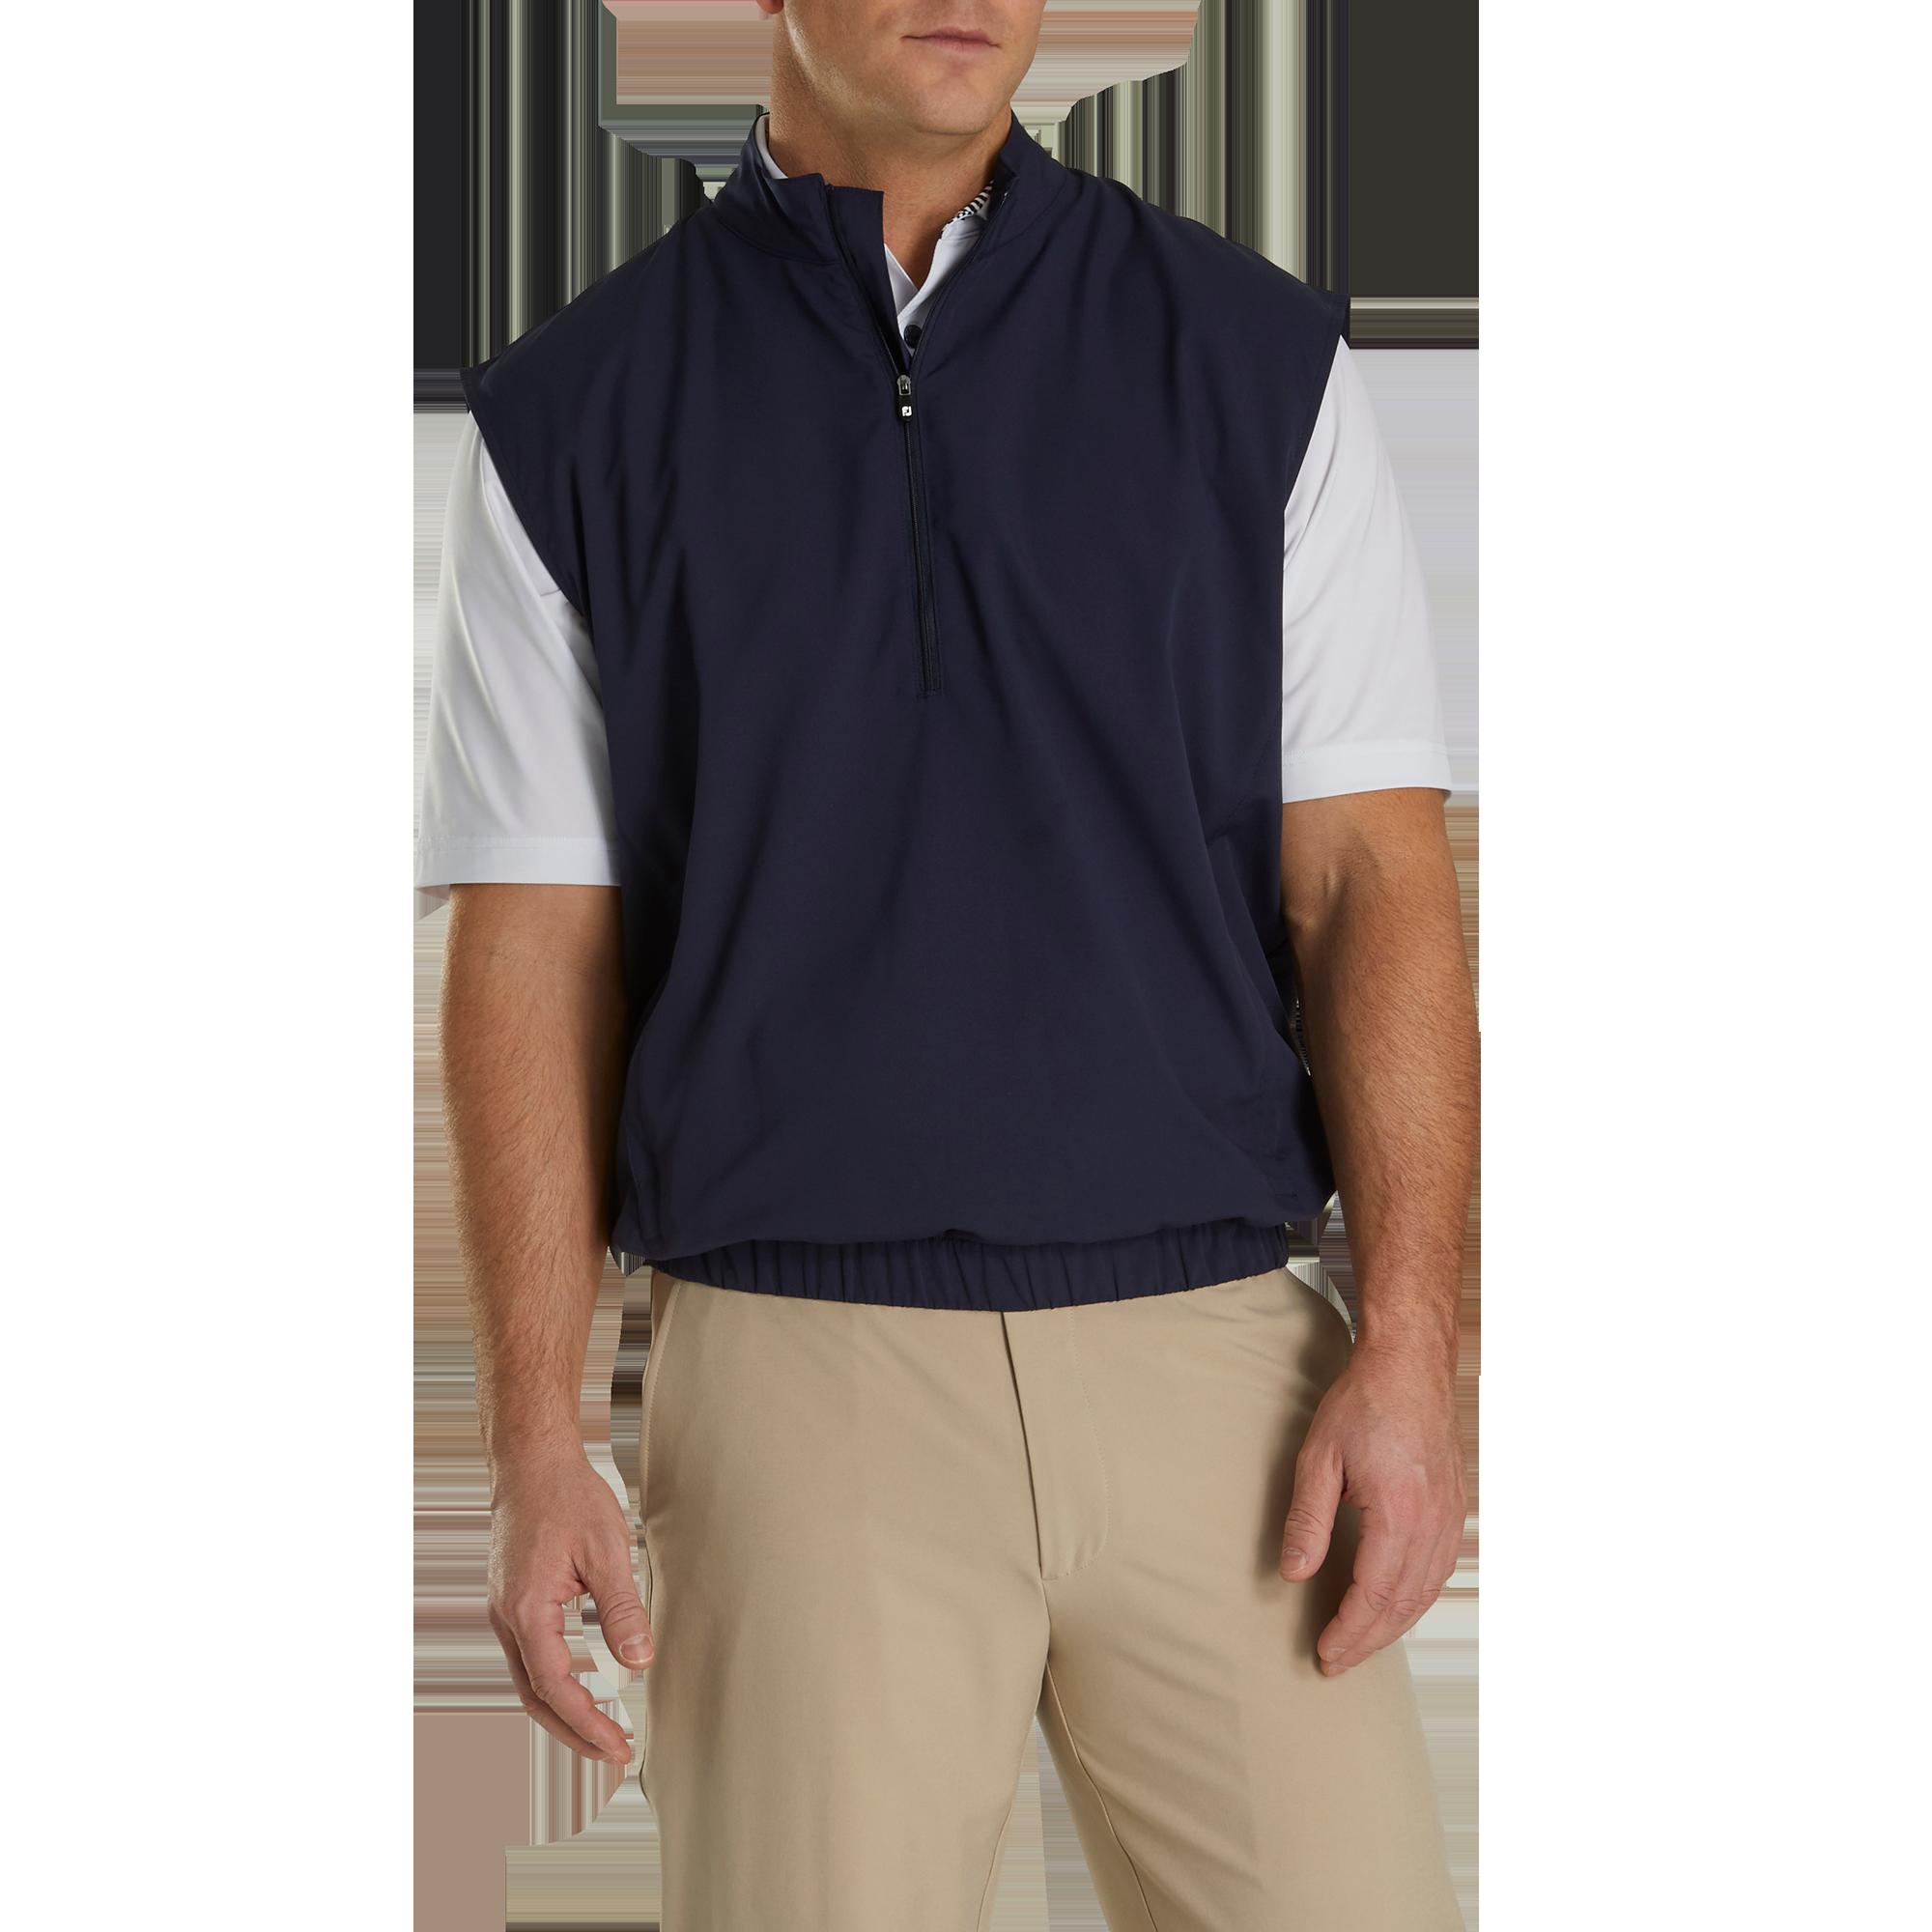 Windshirt Vest for Men | FootJoy